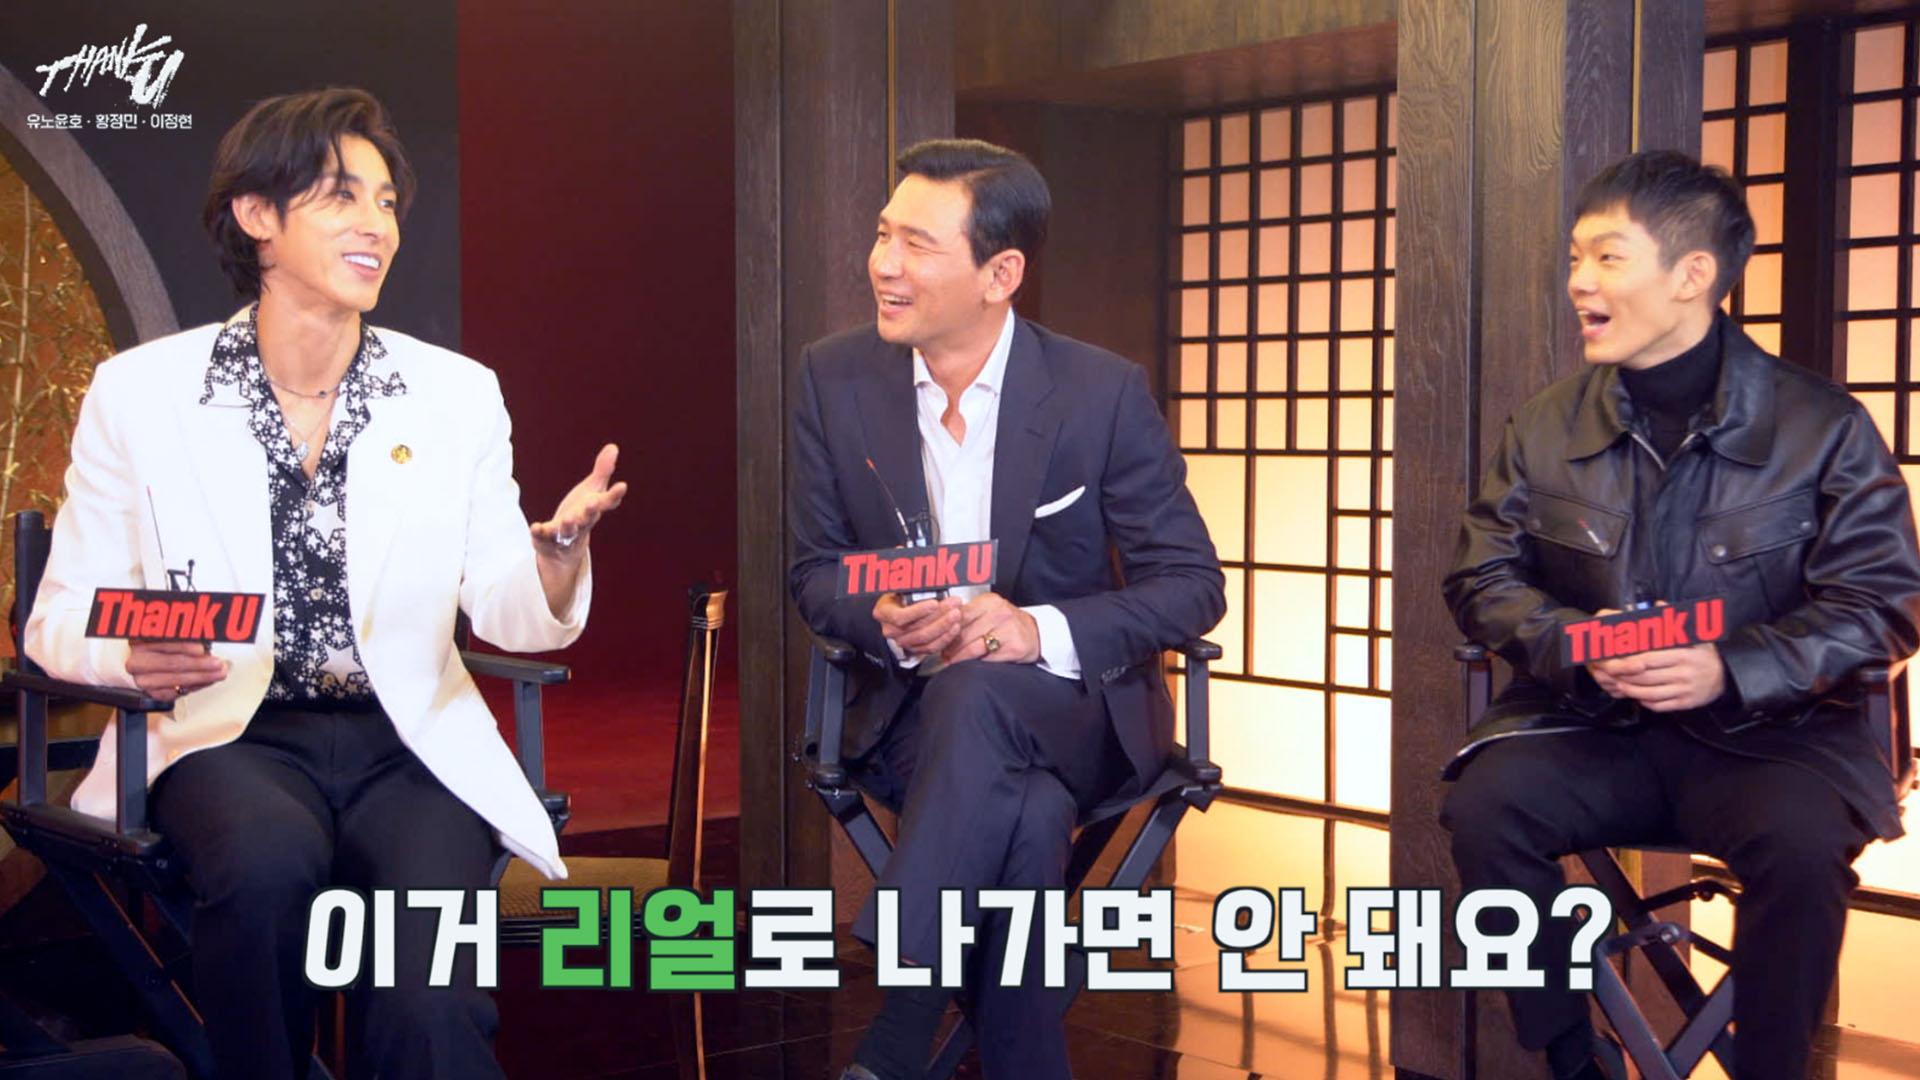 출발! 뮤직비디오 여행 [Thank U] 🎥 유노윤호X황정민X이정현